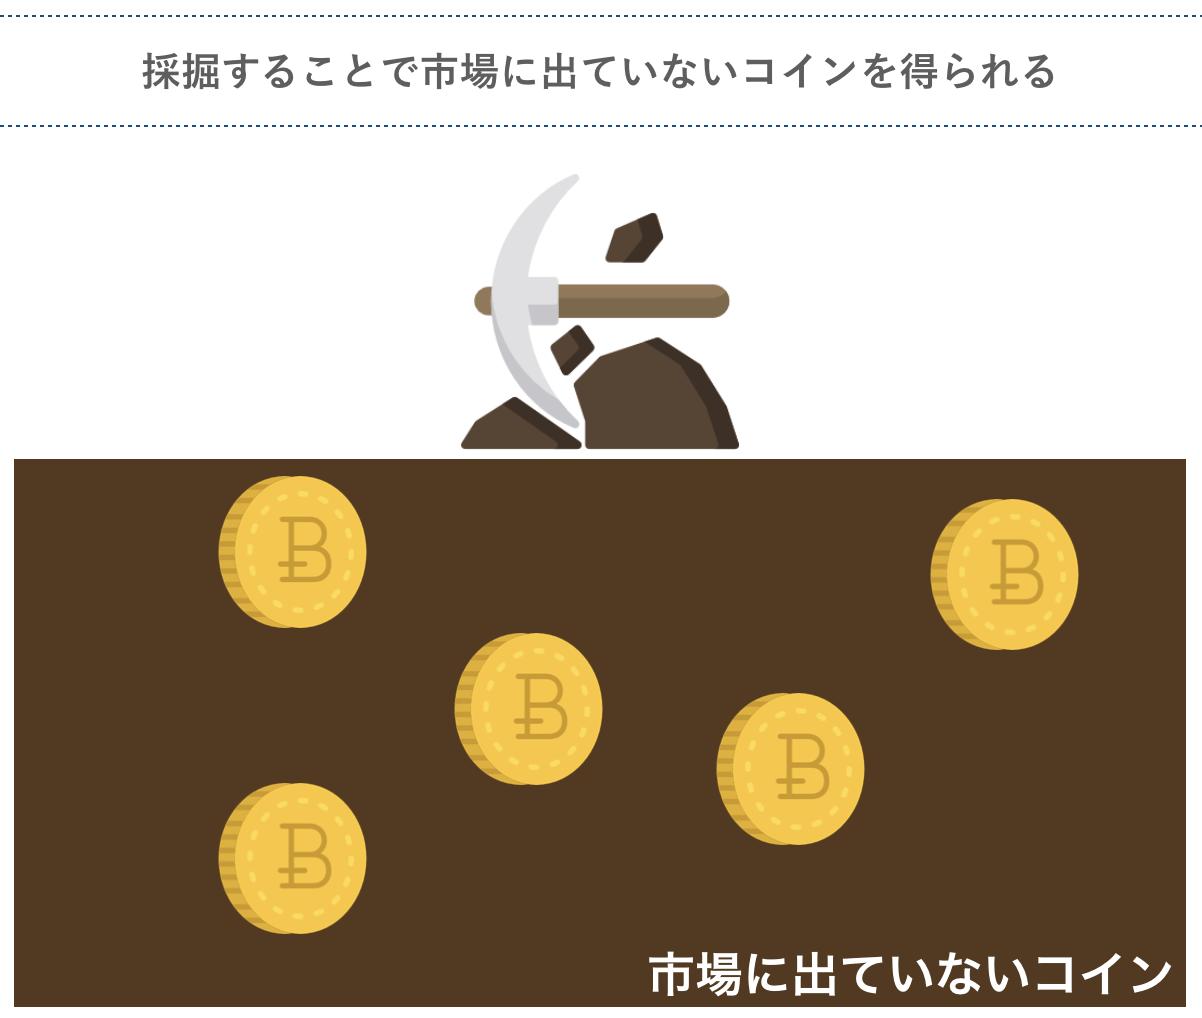 採掘することで市場に出ていないコインを得られる